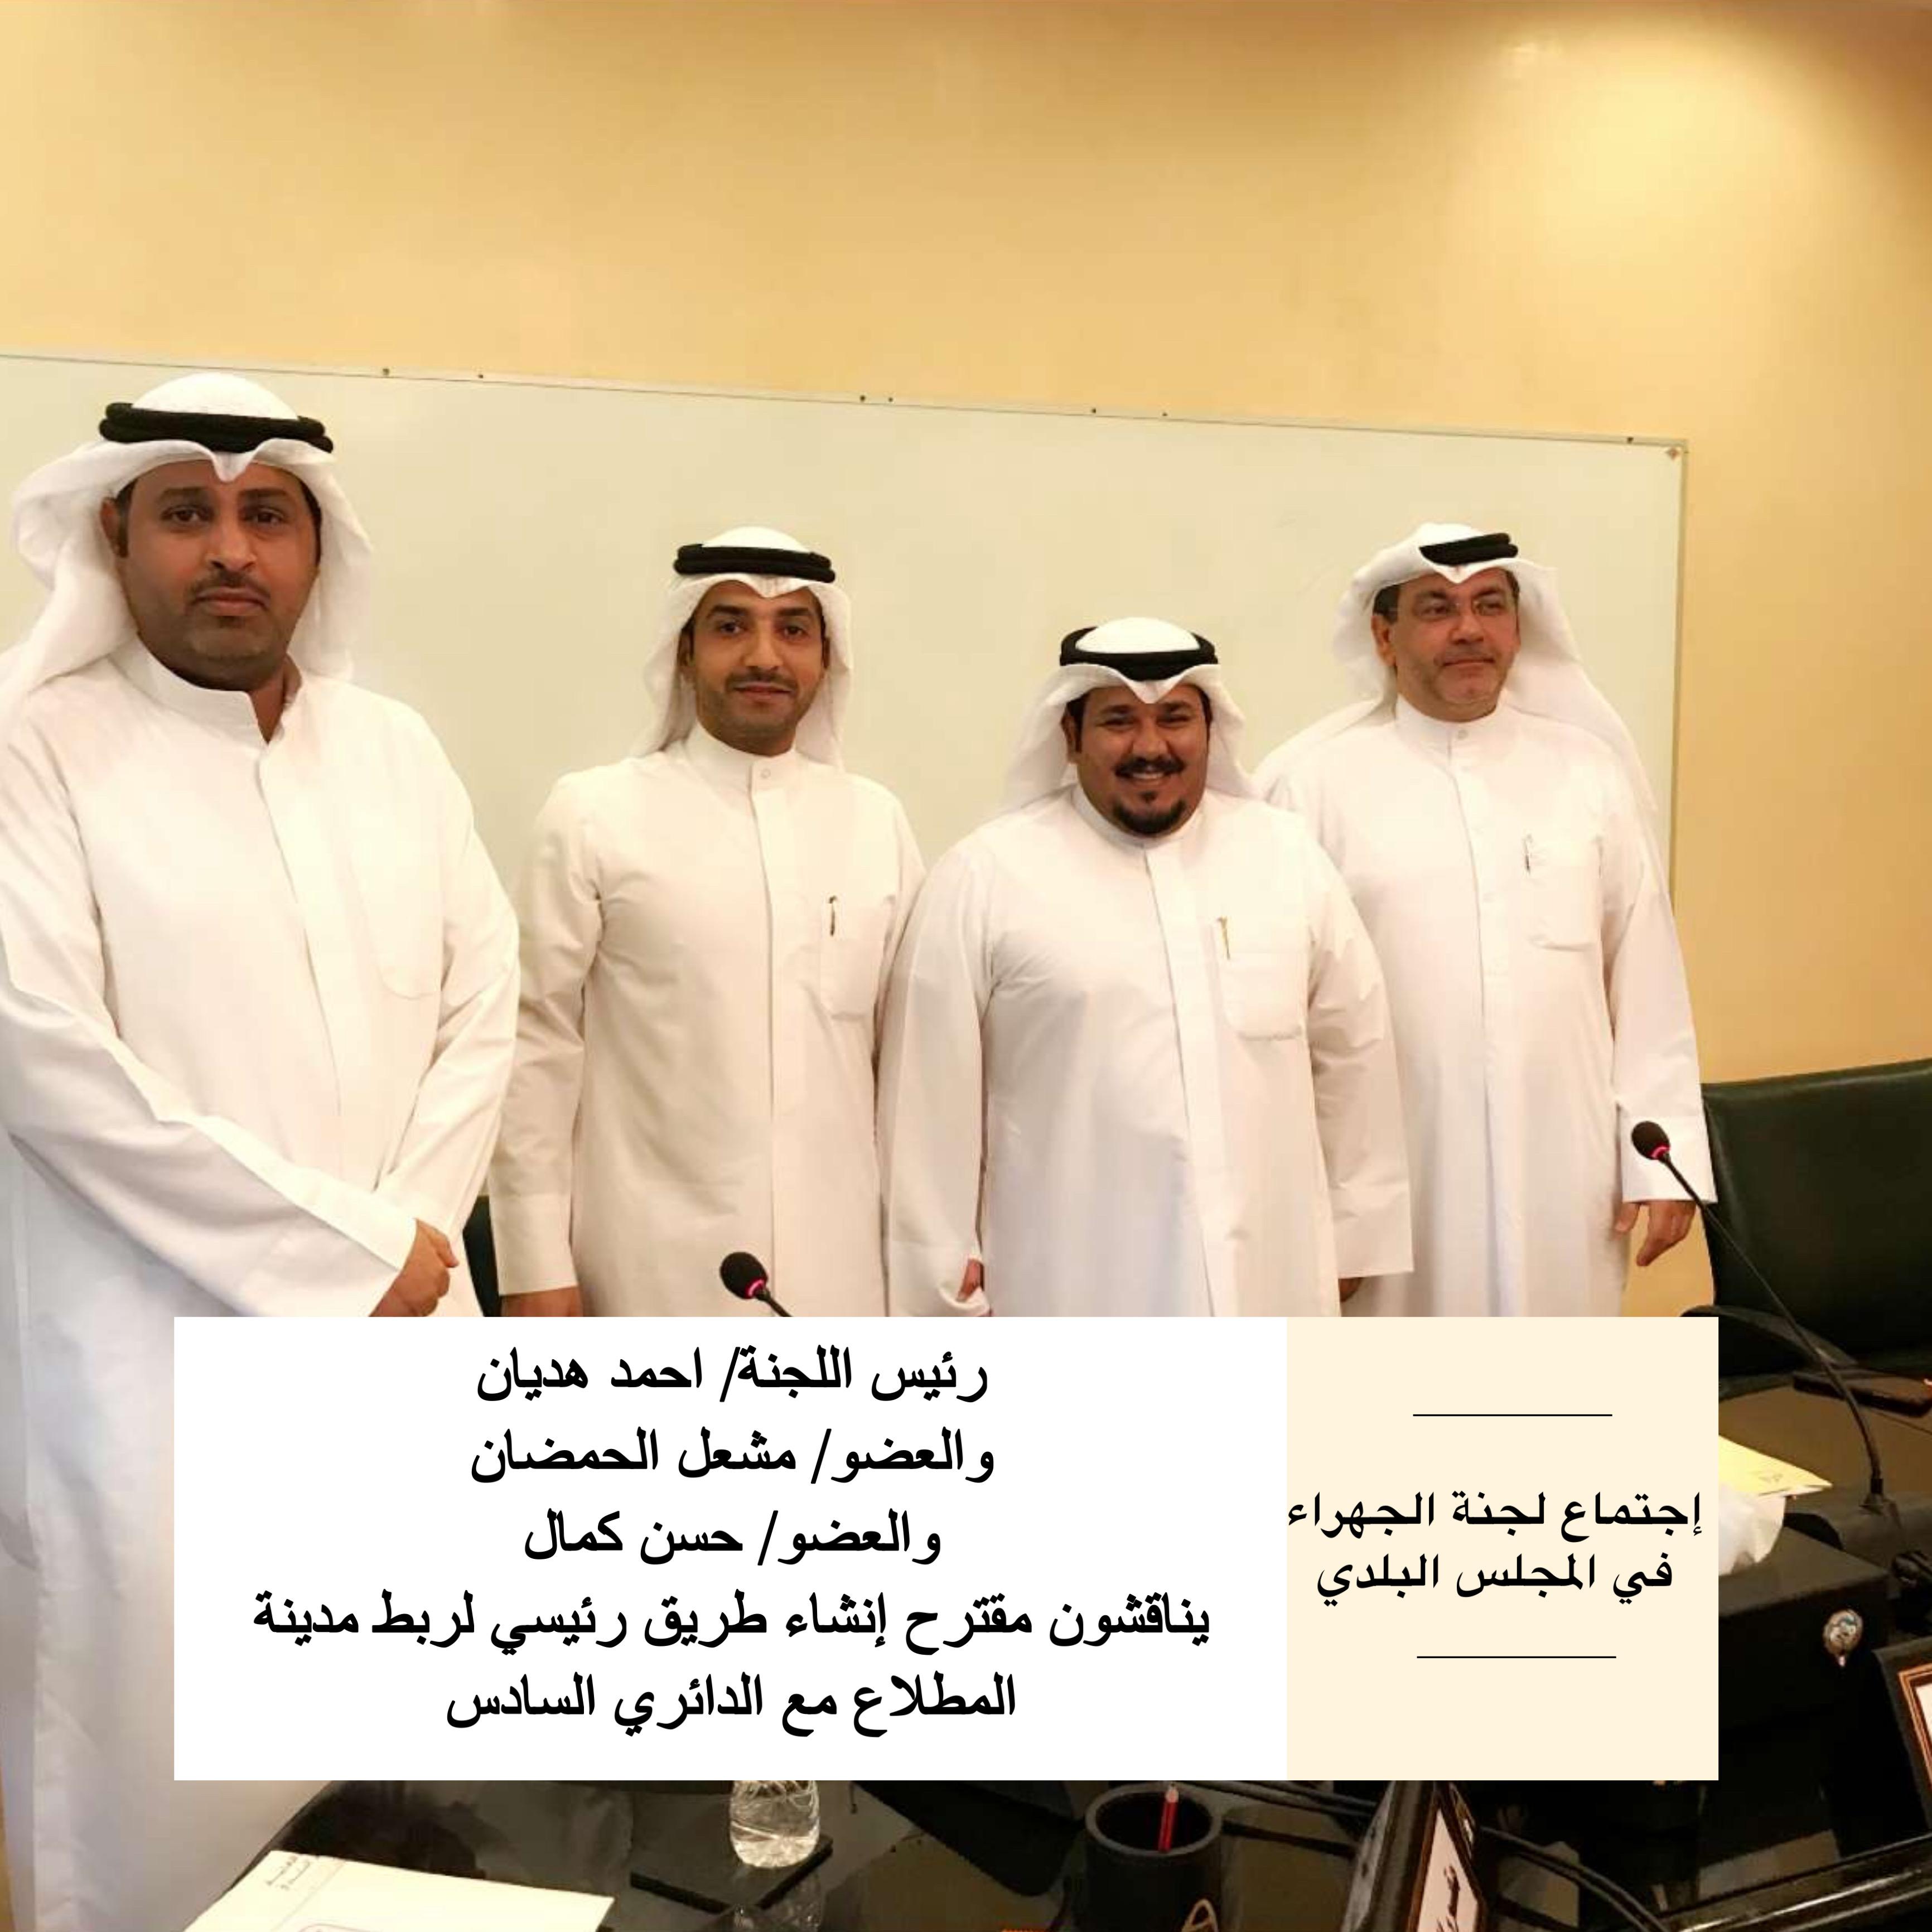 رئيس وأعضاء لجنة الجهراء في المجلس البلدي لمناقشة إنشاء طريق يربط مدينة المطلاع مع الدائري السادس